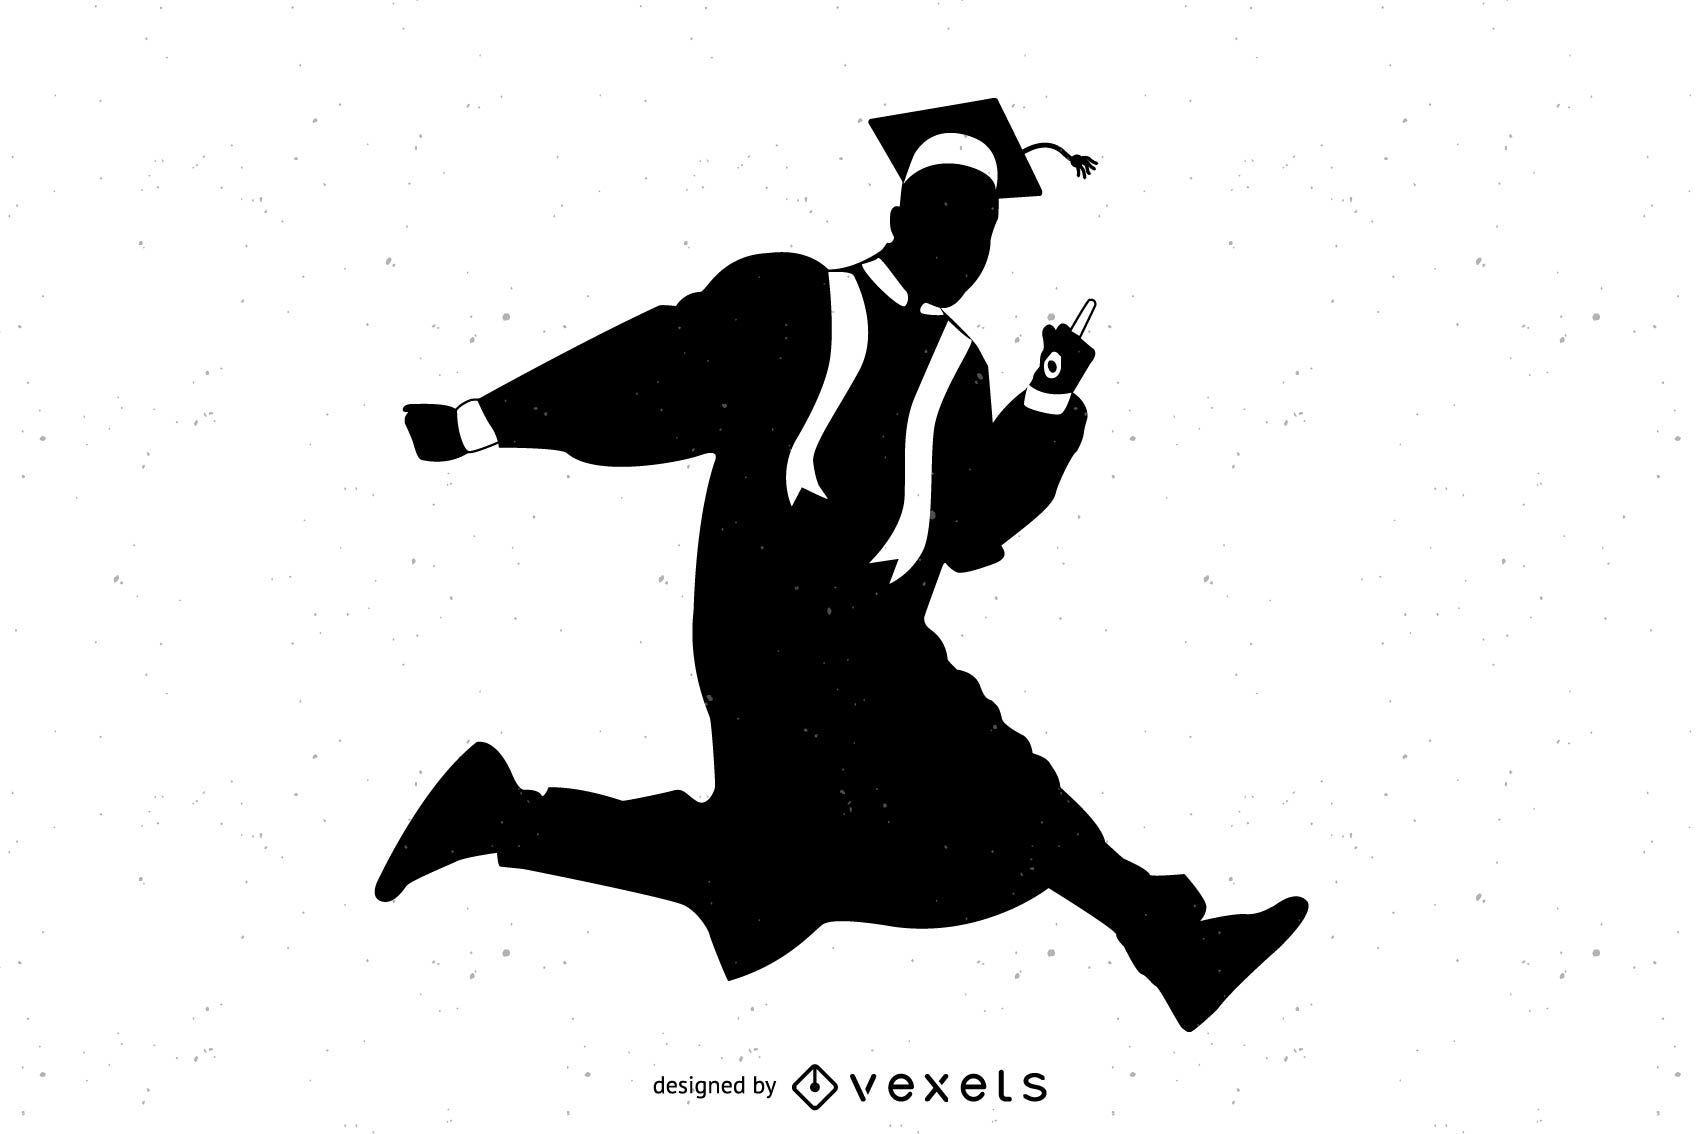 Silueta de graduado feliz saltando en el aire